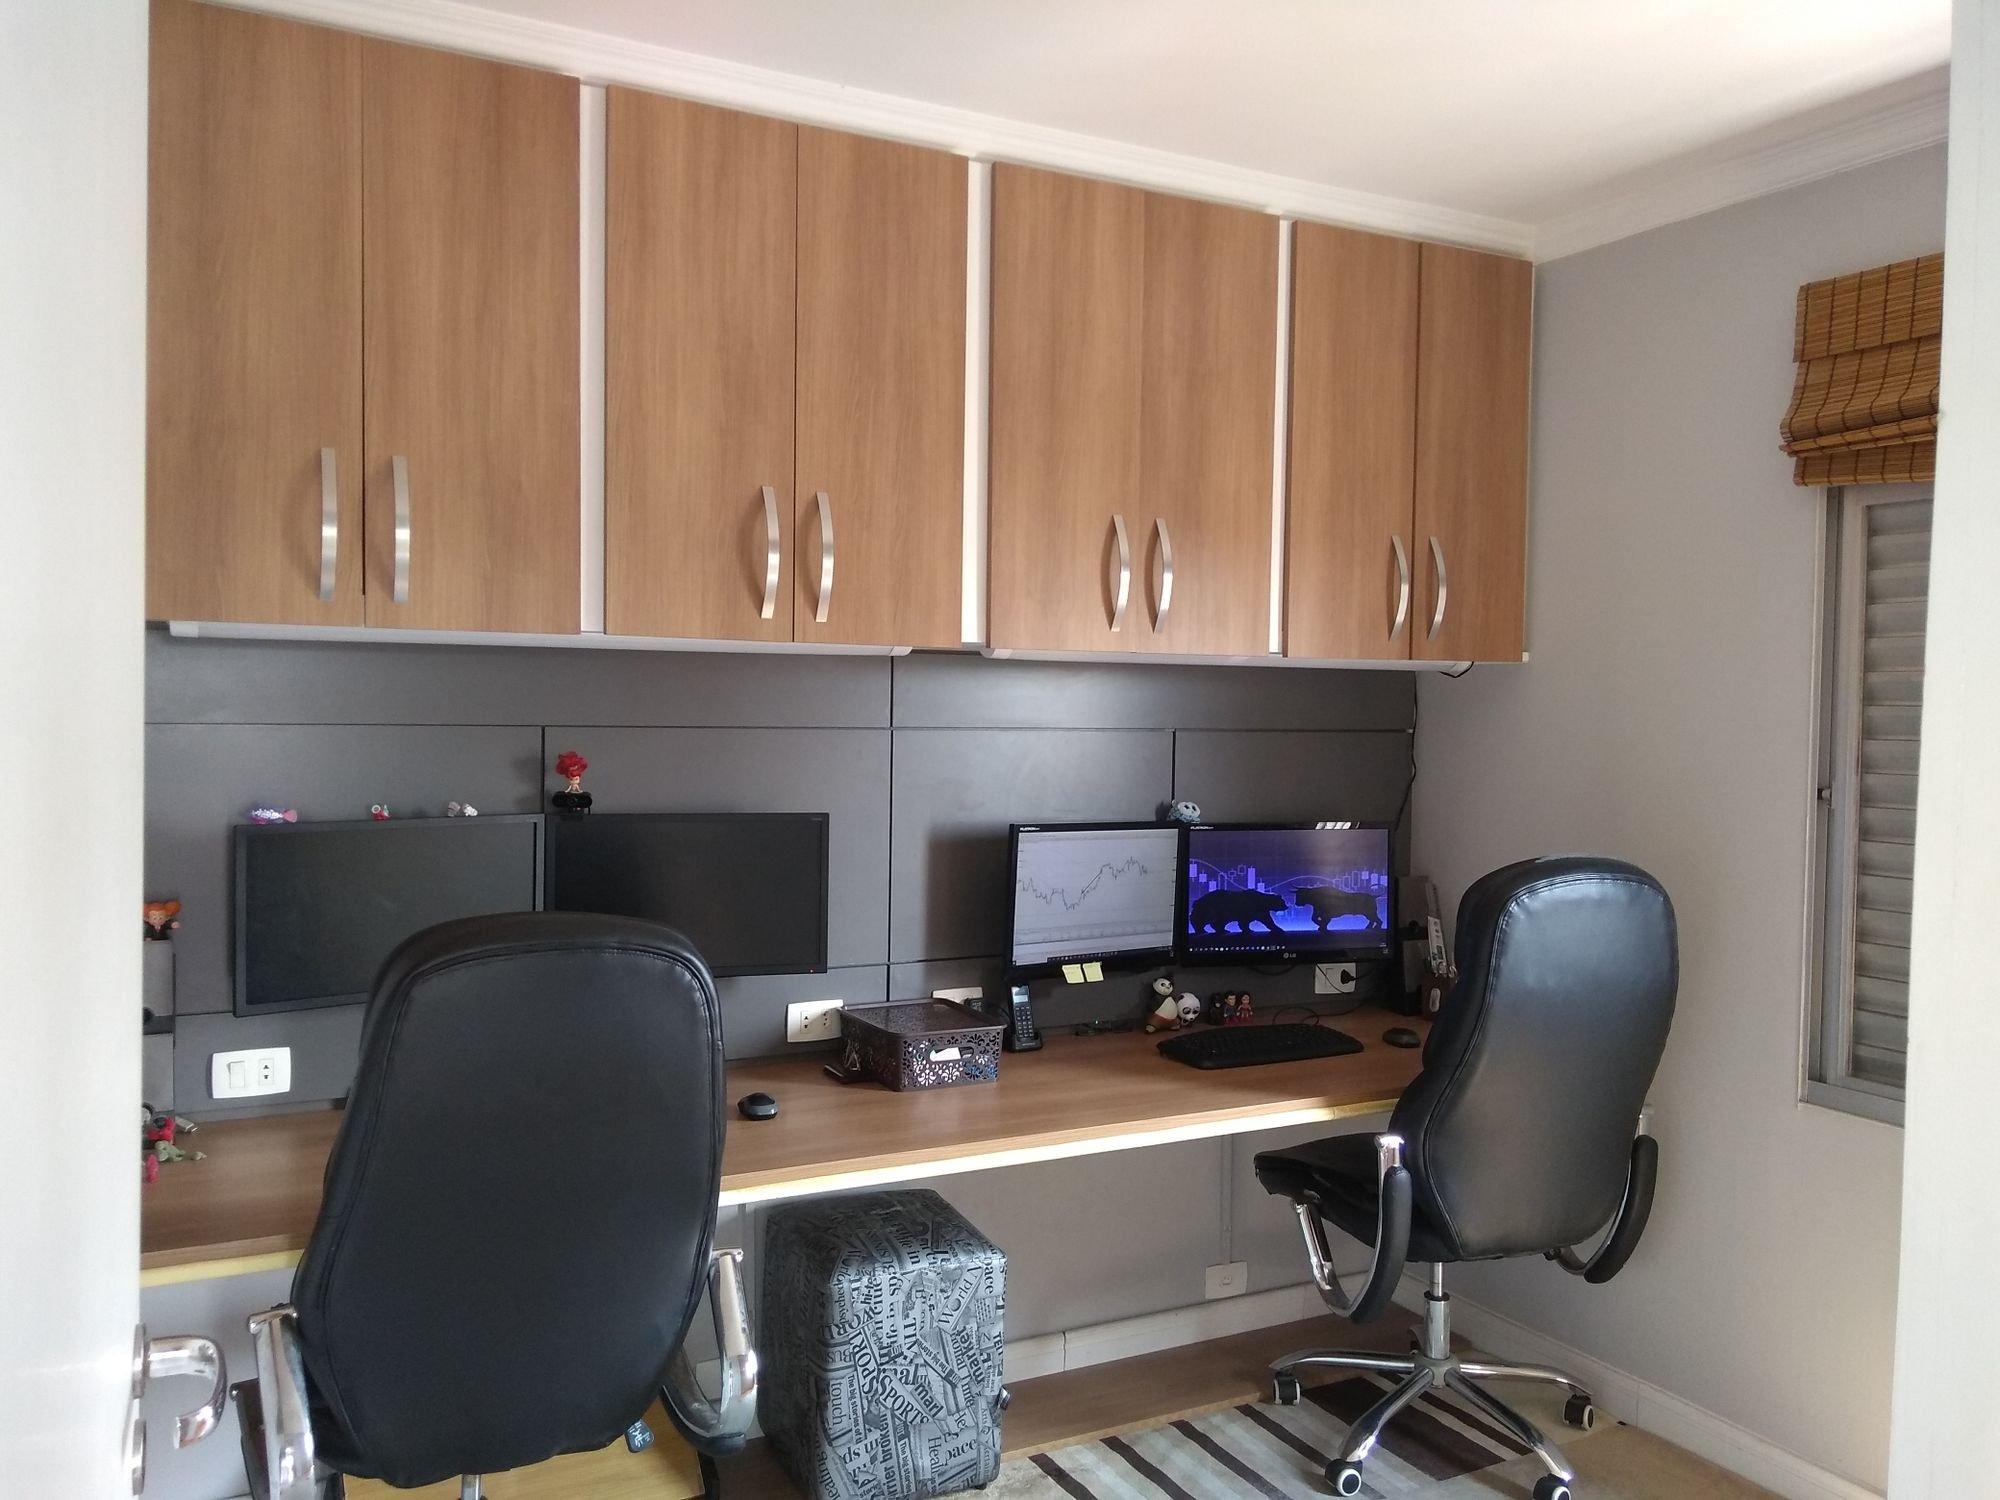 Foto de Sala com mouse, teclado, televisão, cadeira